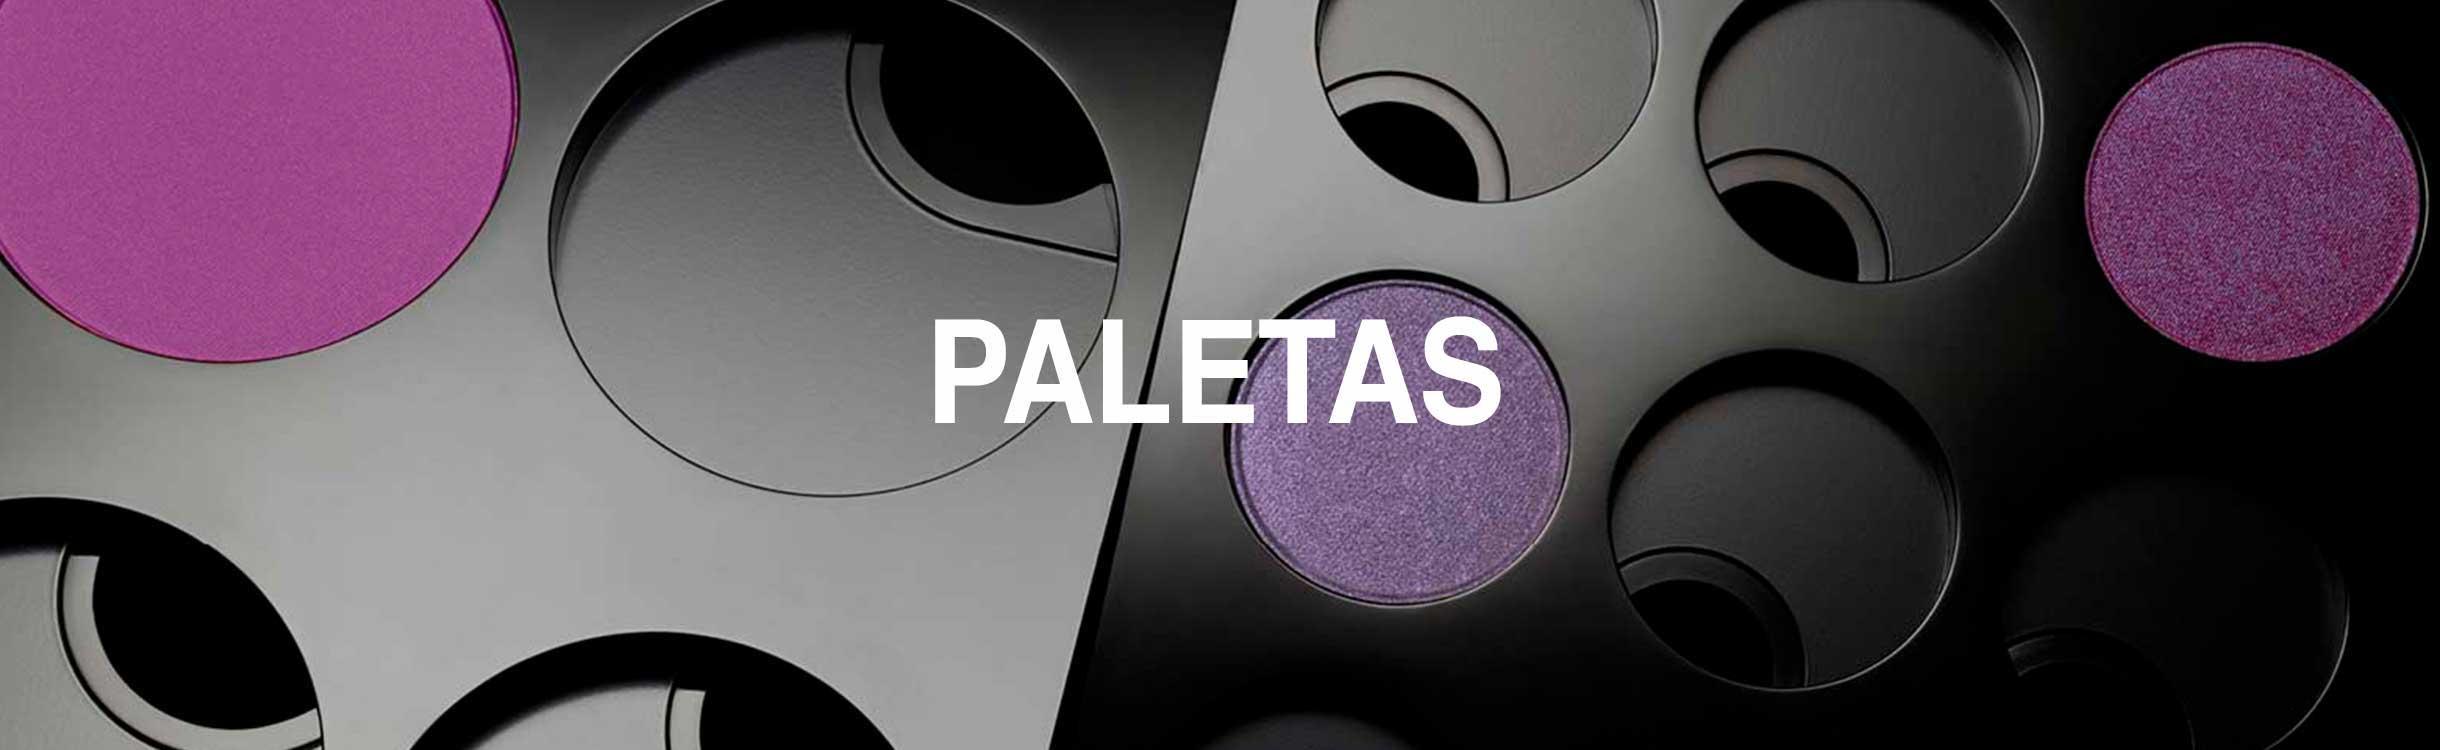 Paleta de Maquiagem M·A·C